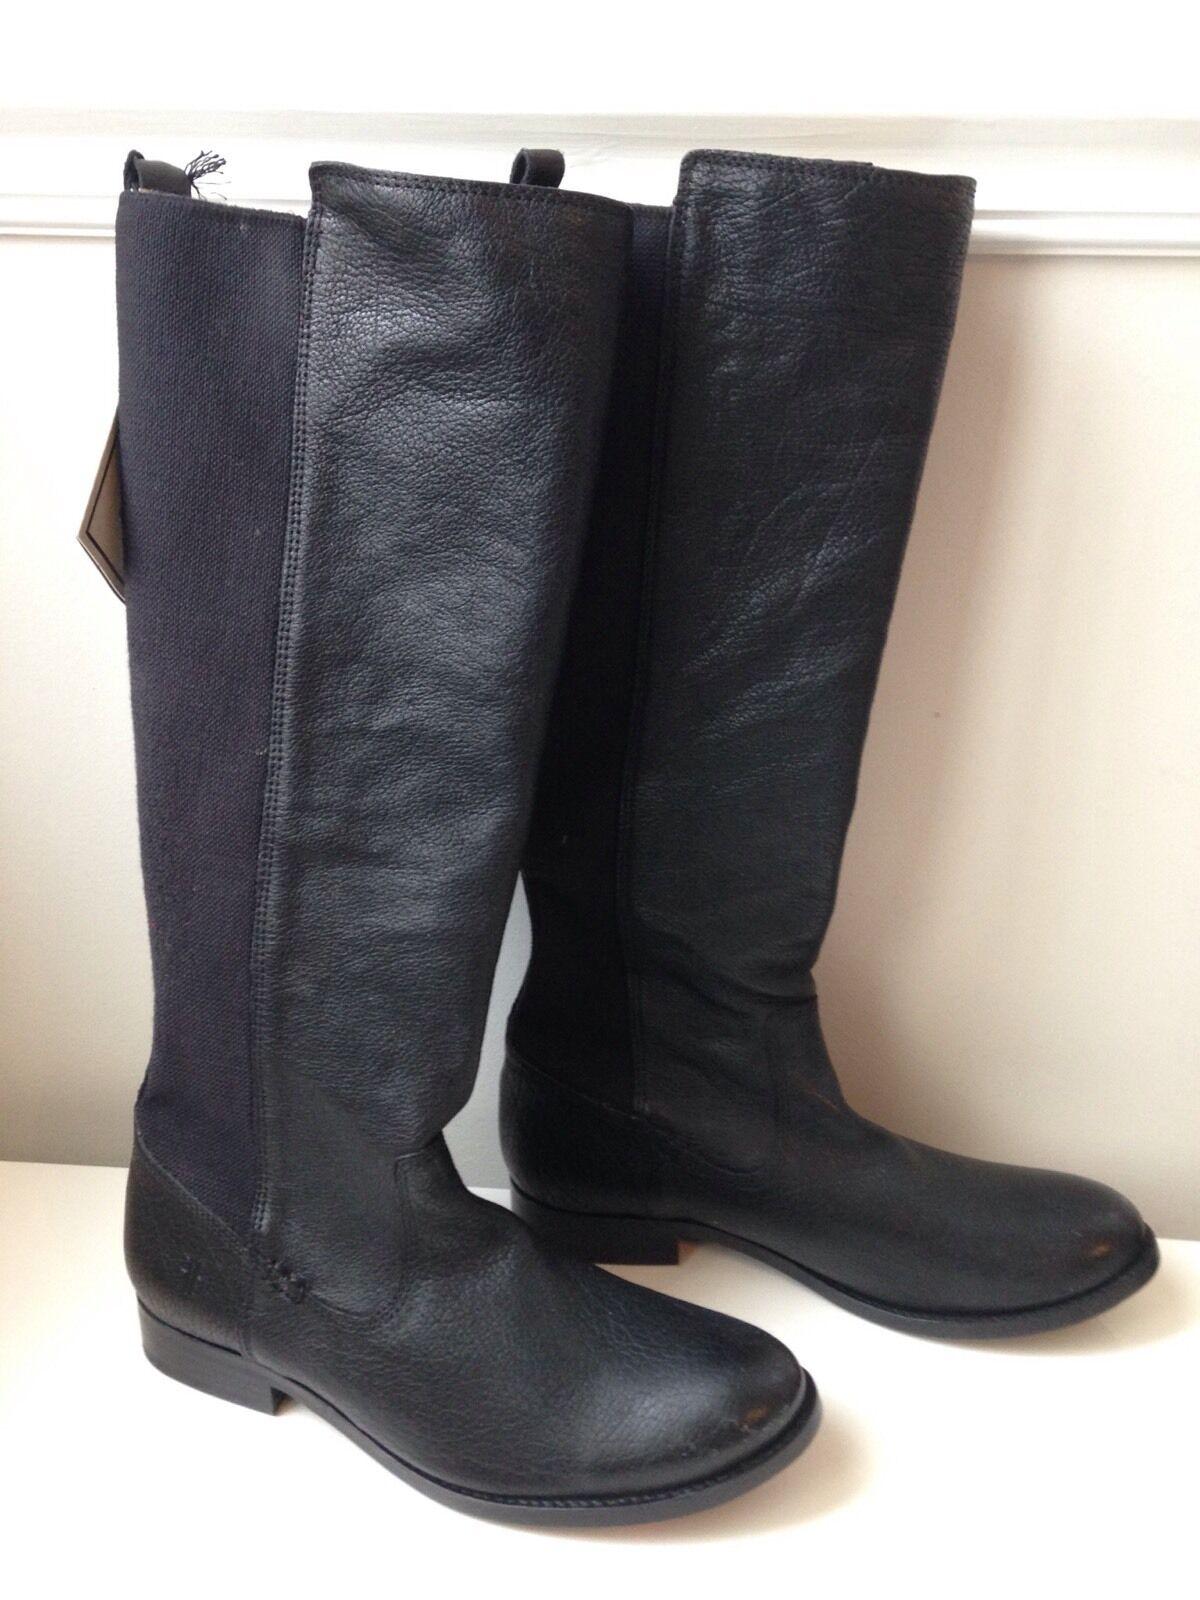 Frye tirar-en tirar-en tirar-en Cuero Rodilla Alta botas De Montar Talla 7.5 M-Nuevo  tienda de venta